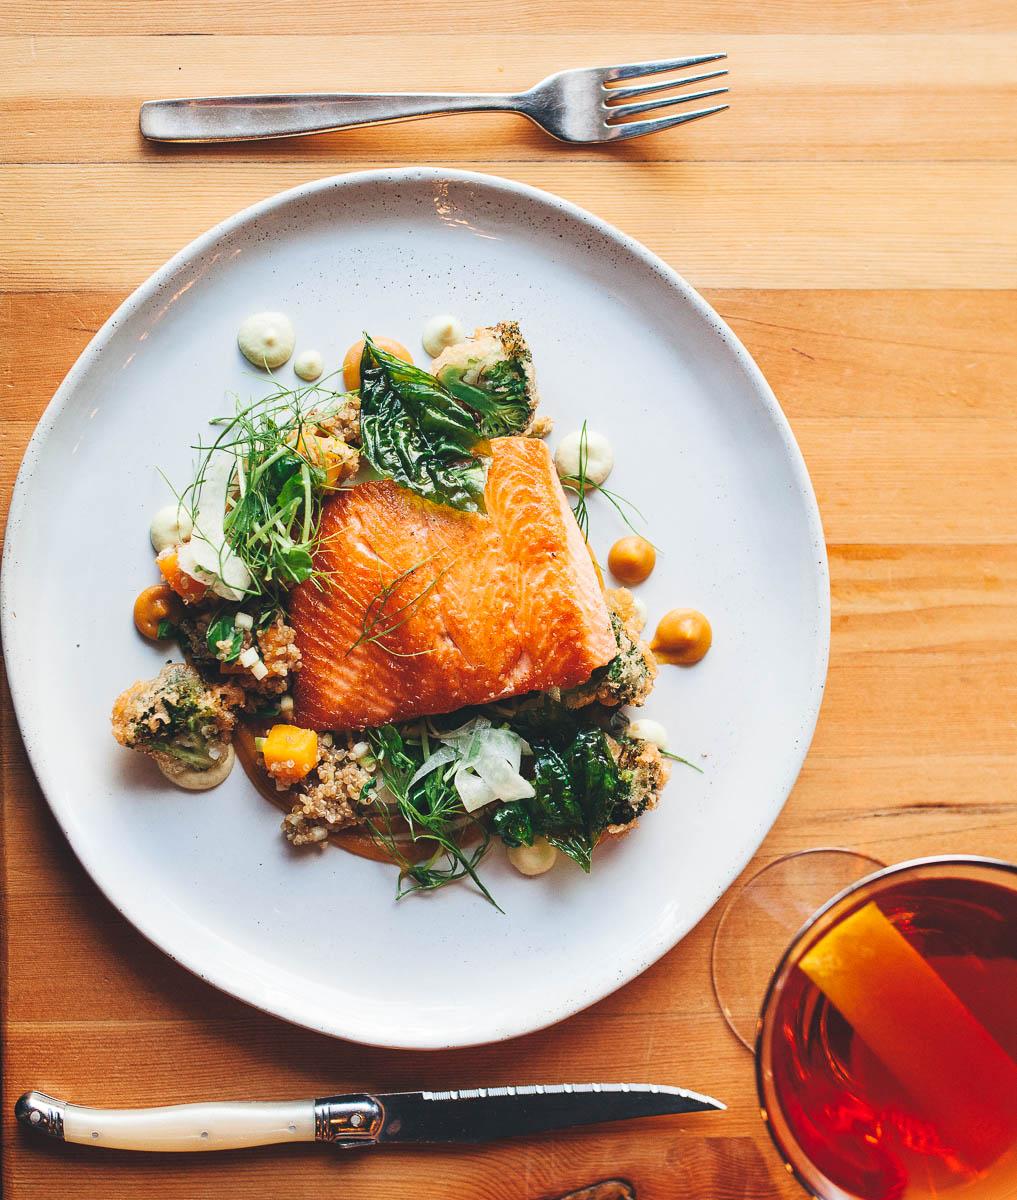 Saskatoon-0018-Salmon-Food-Photo-Ayden-Kitchen-And-Bar.jpg